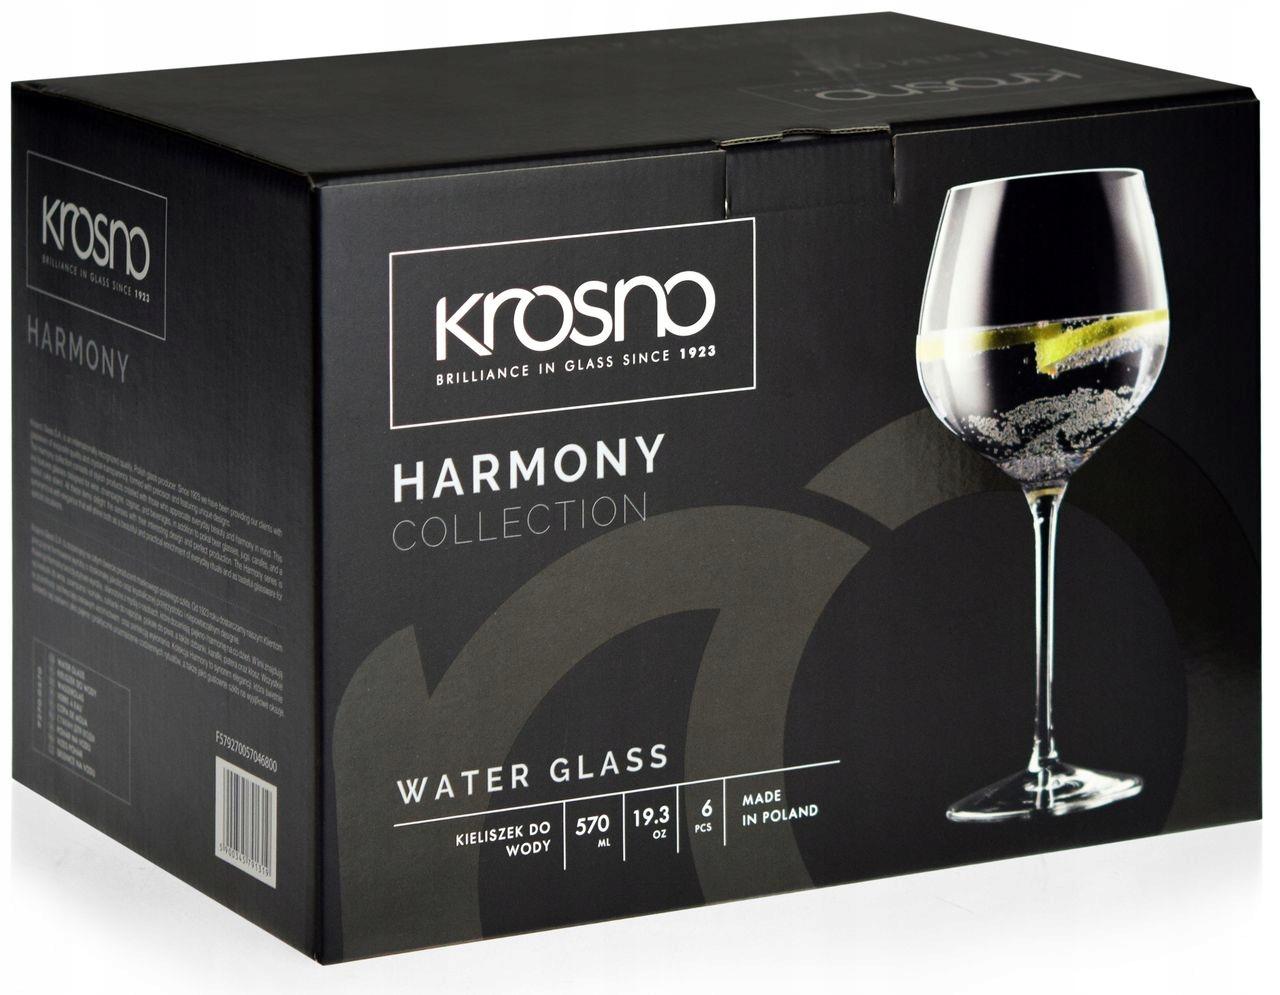 Veľké okuliare vody Krosno Harmony 570 ml